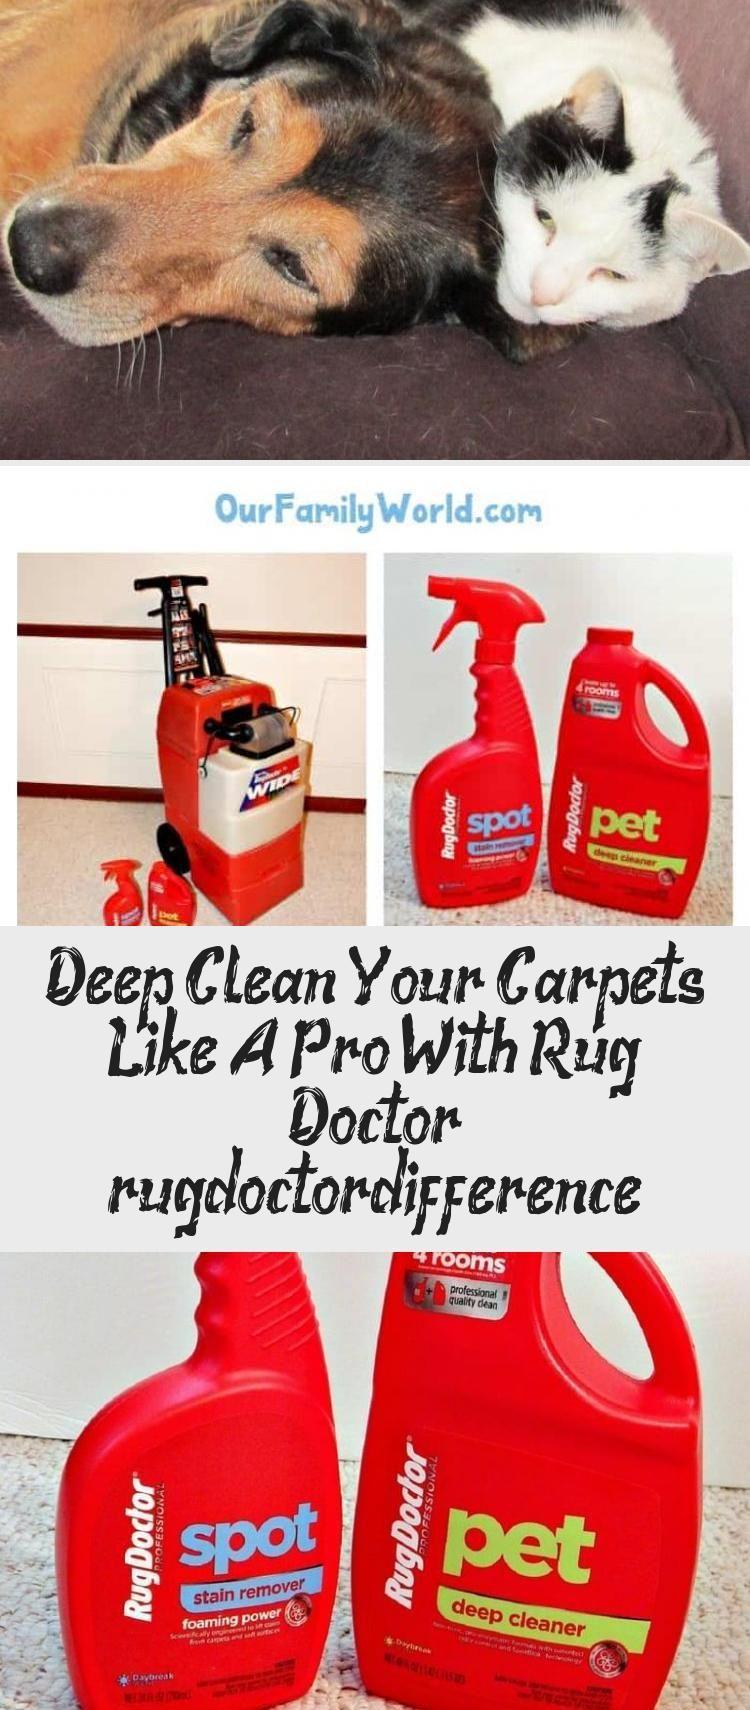 Wenn das Leben Ihre Teppiche durcheinander bringt, machen Sie mit dem Rug Do ...,  #bringt #das #dem #Durcheinander #Ihre #Leben #machen #mit #Rug #Sie #Teppiche #Wenn